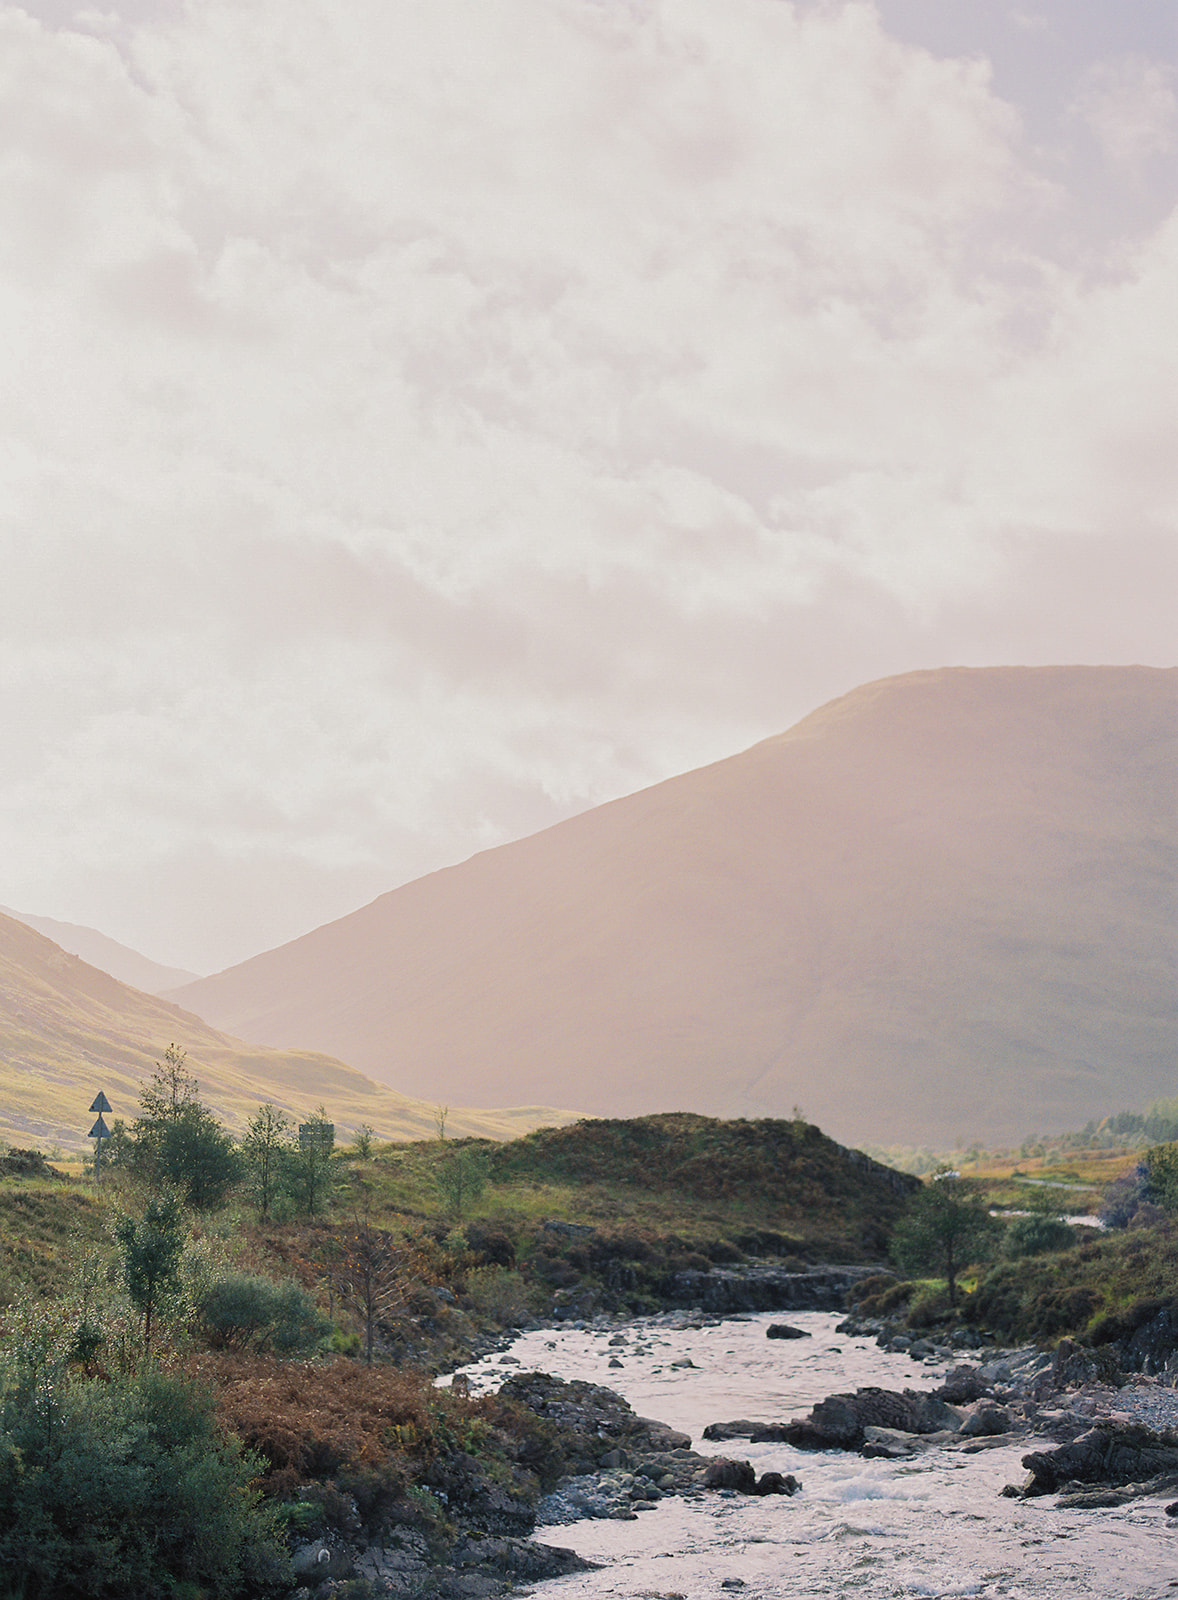 Scotland-HH-177-Jen_Huang-008337-R1-001_websize.jpg